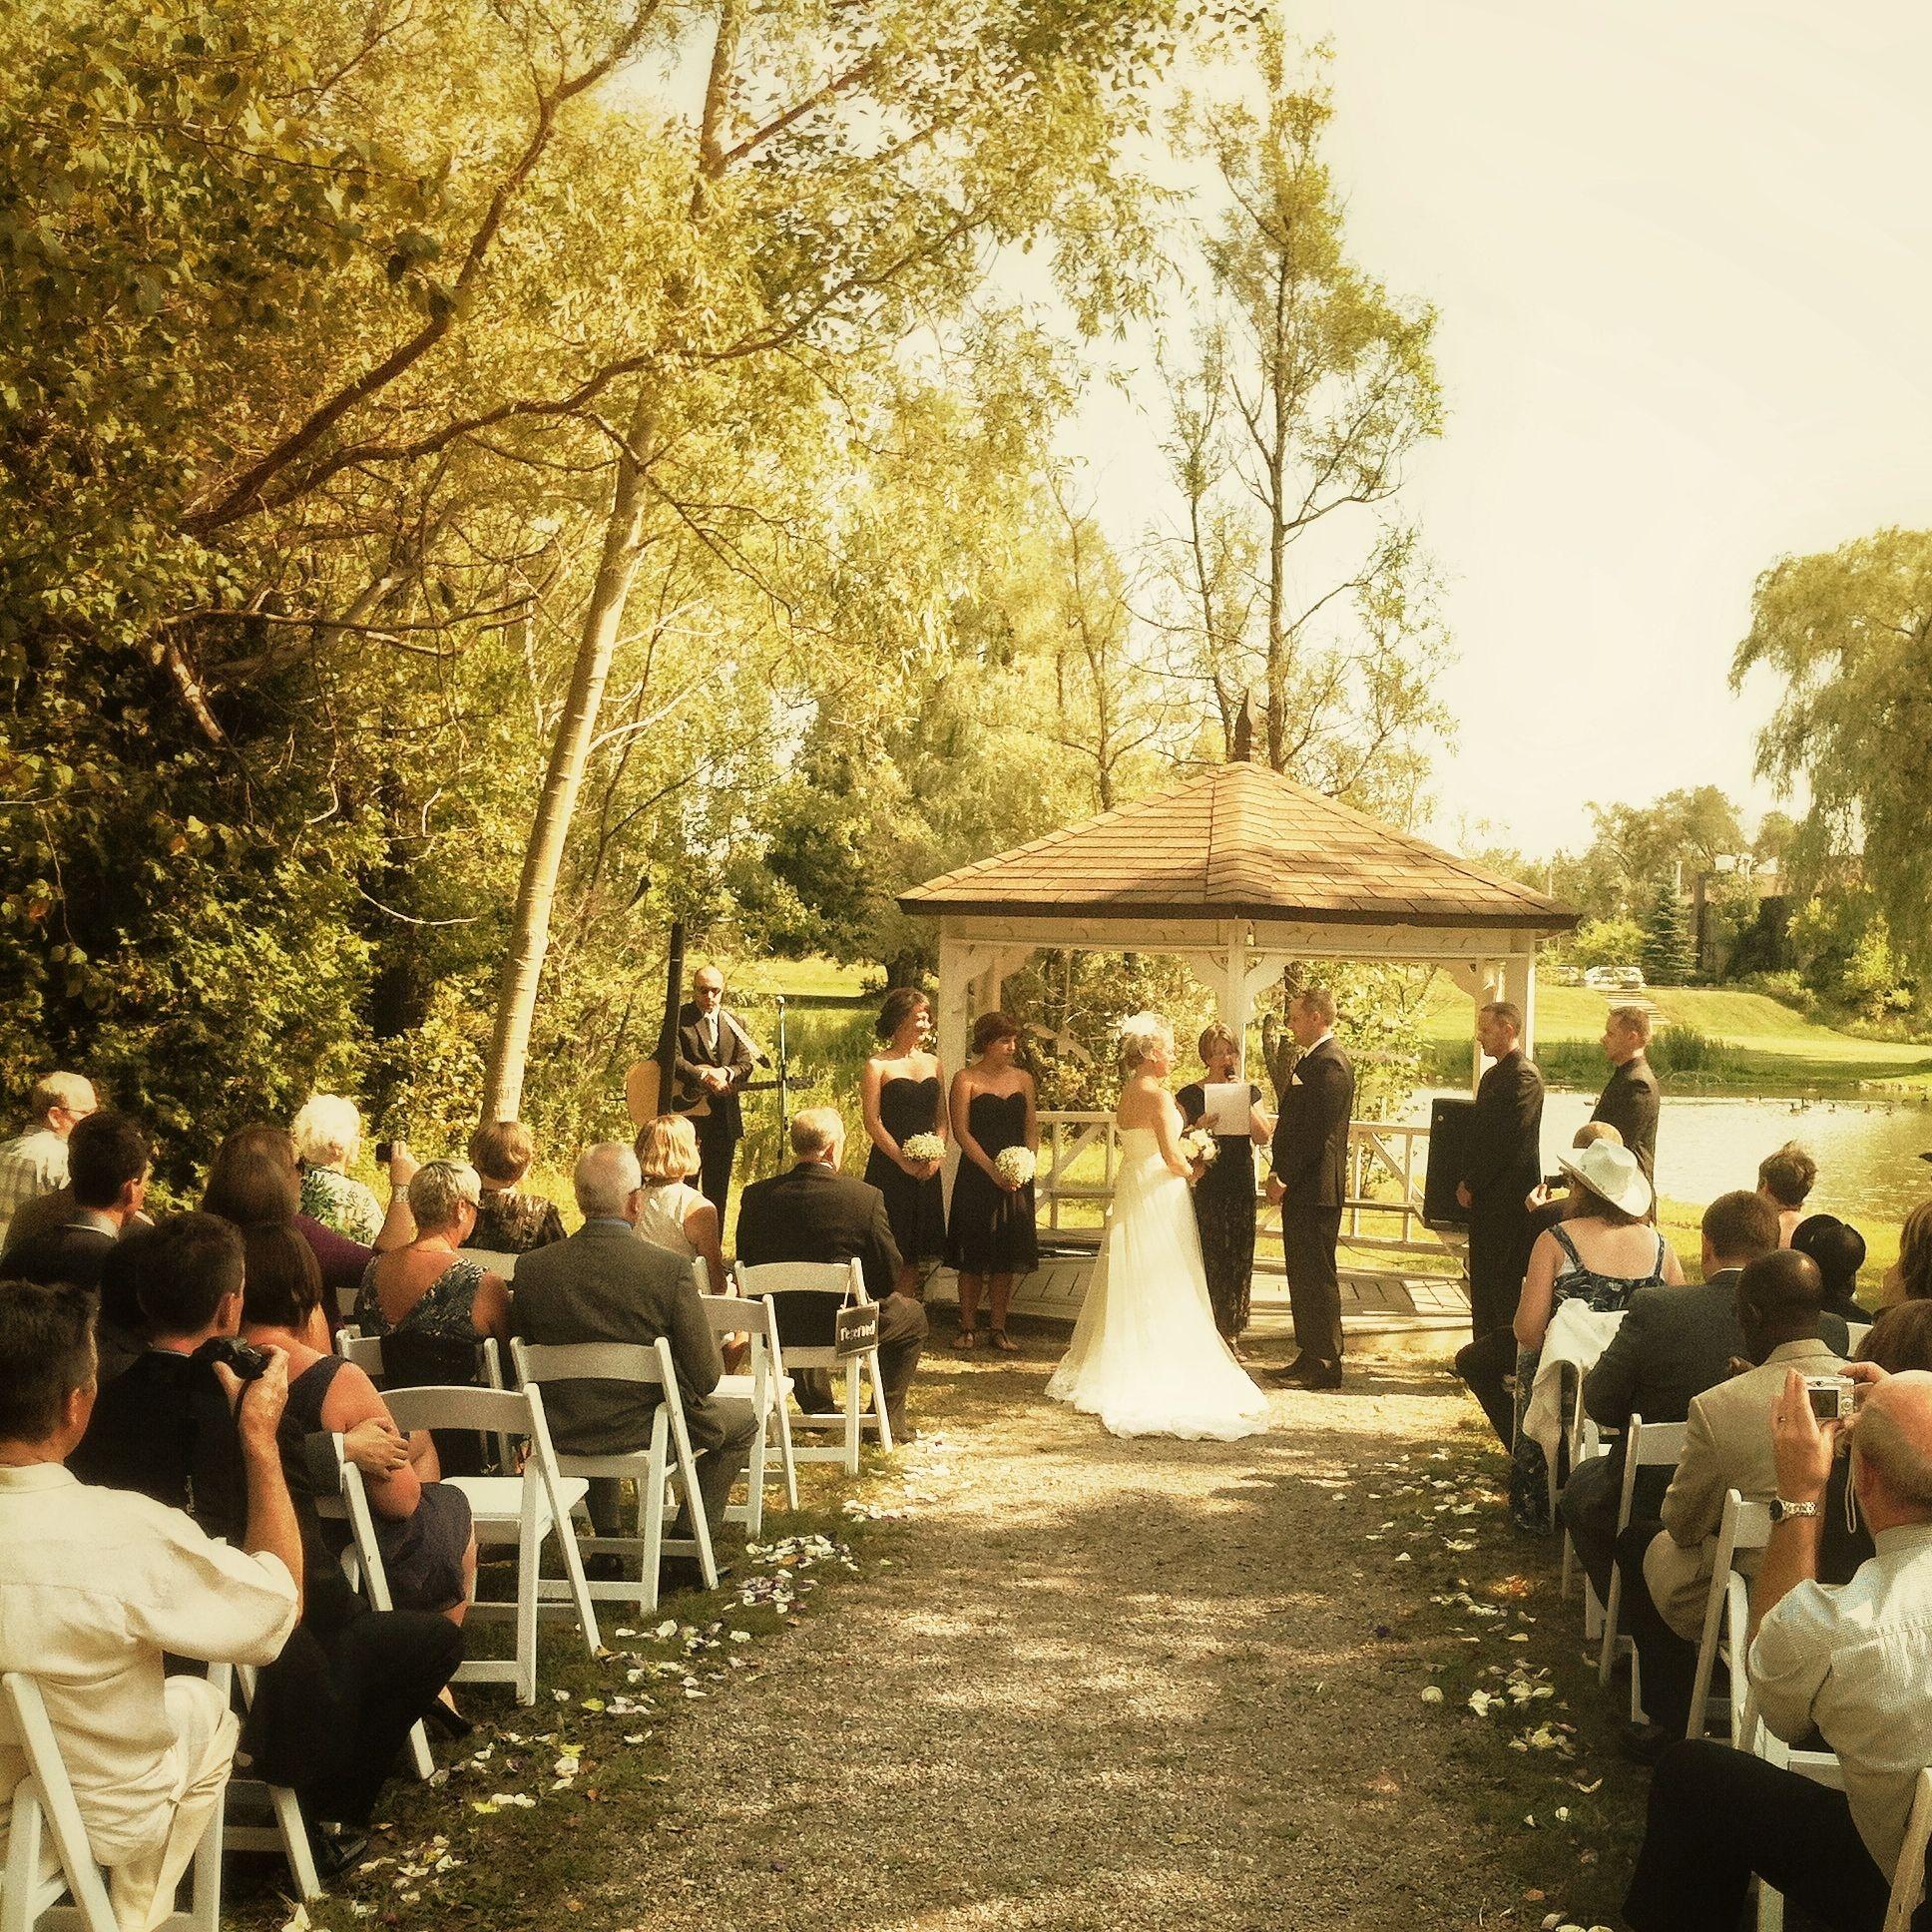 Outdoor Wedding at the Aberfoyle Mill - Aberfoyle Wedding Photgraphy